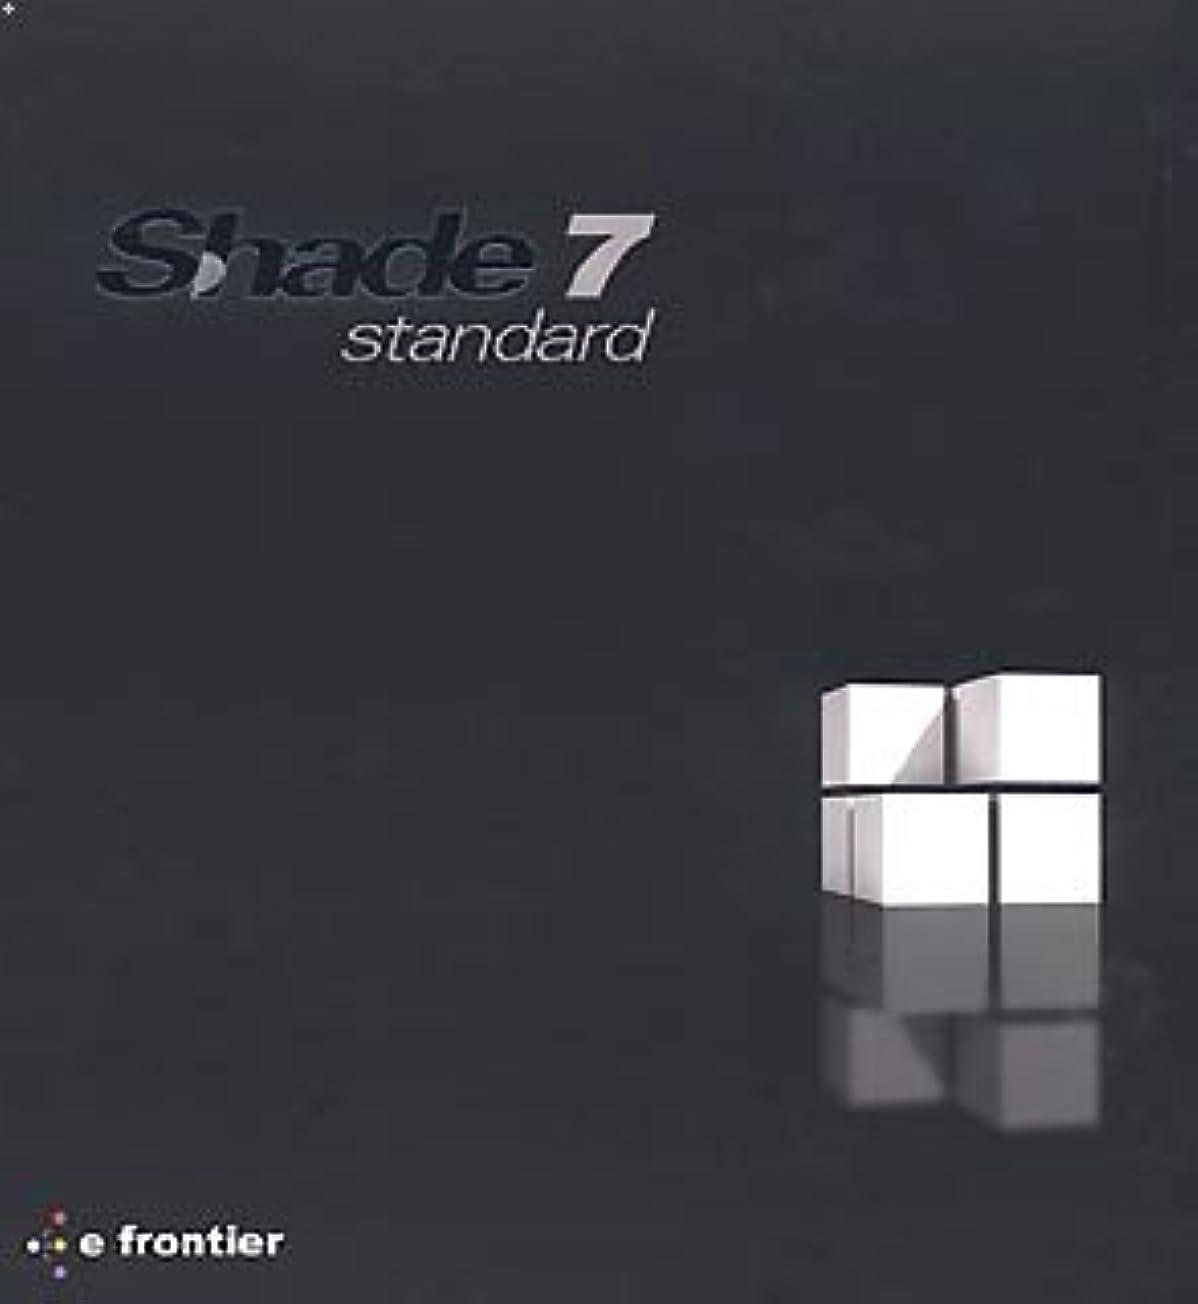 初期のアラブサラボ成長Shade 7 standard for Windows